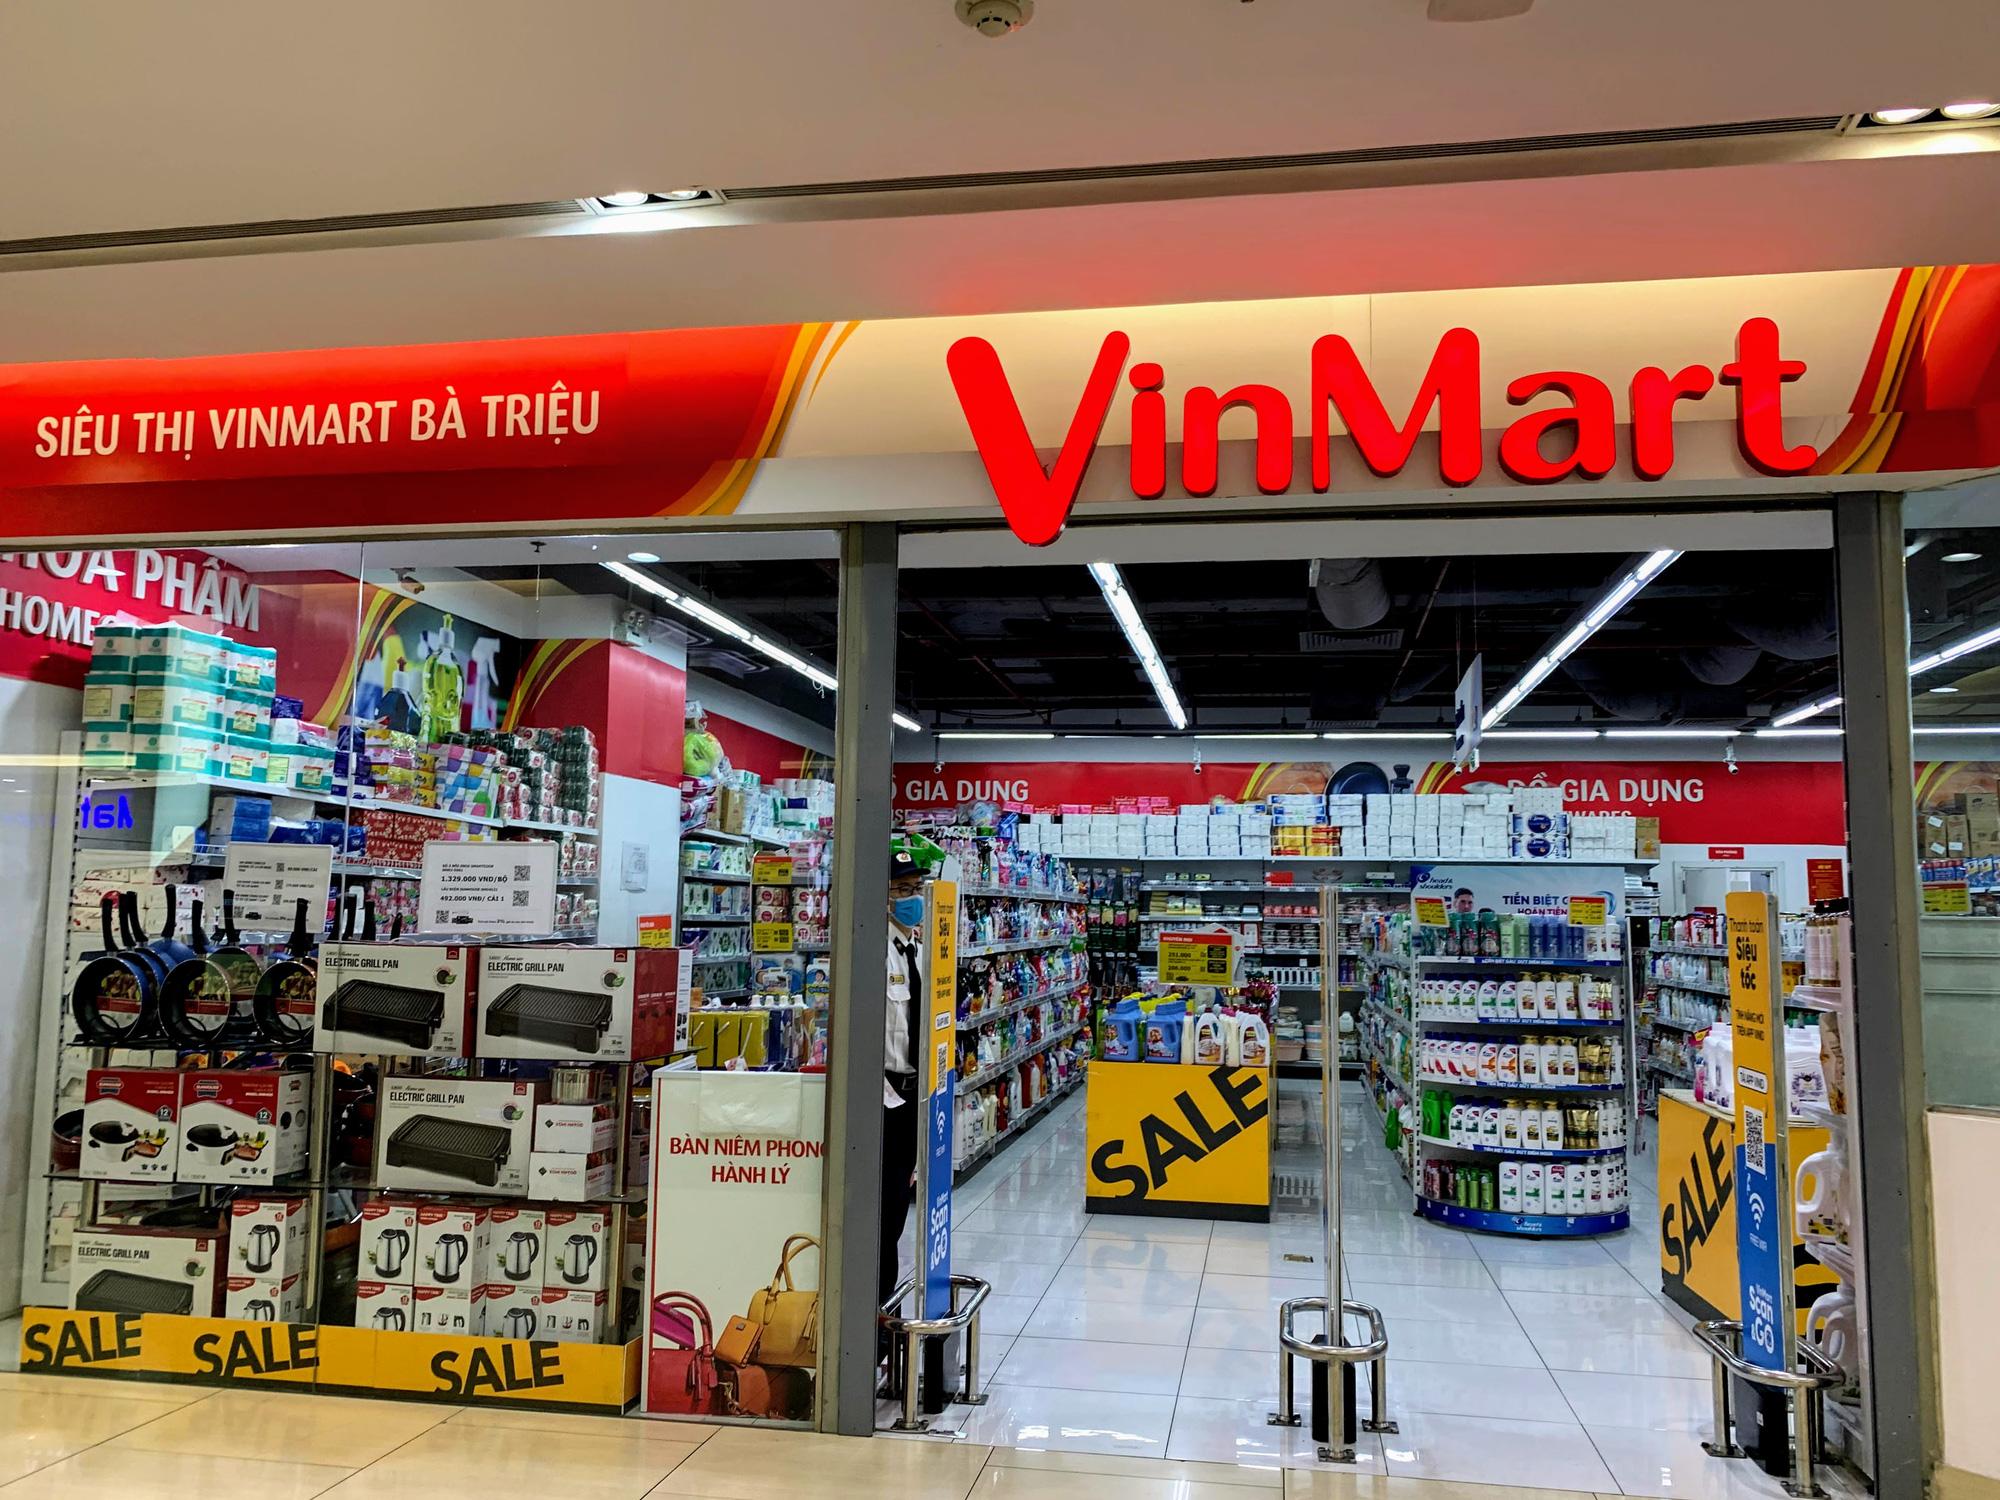 Hàng hoá trở lại đầy ắp trong siêu thị, người dân thảnh thơi mua sắm - Ảnh 5.